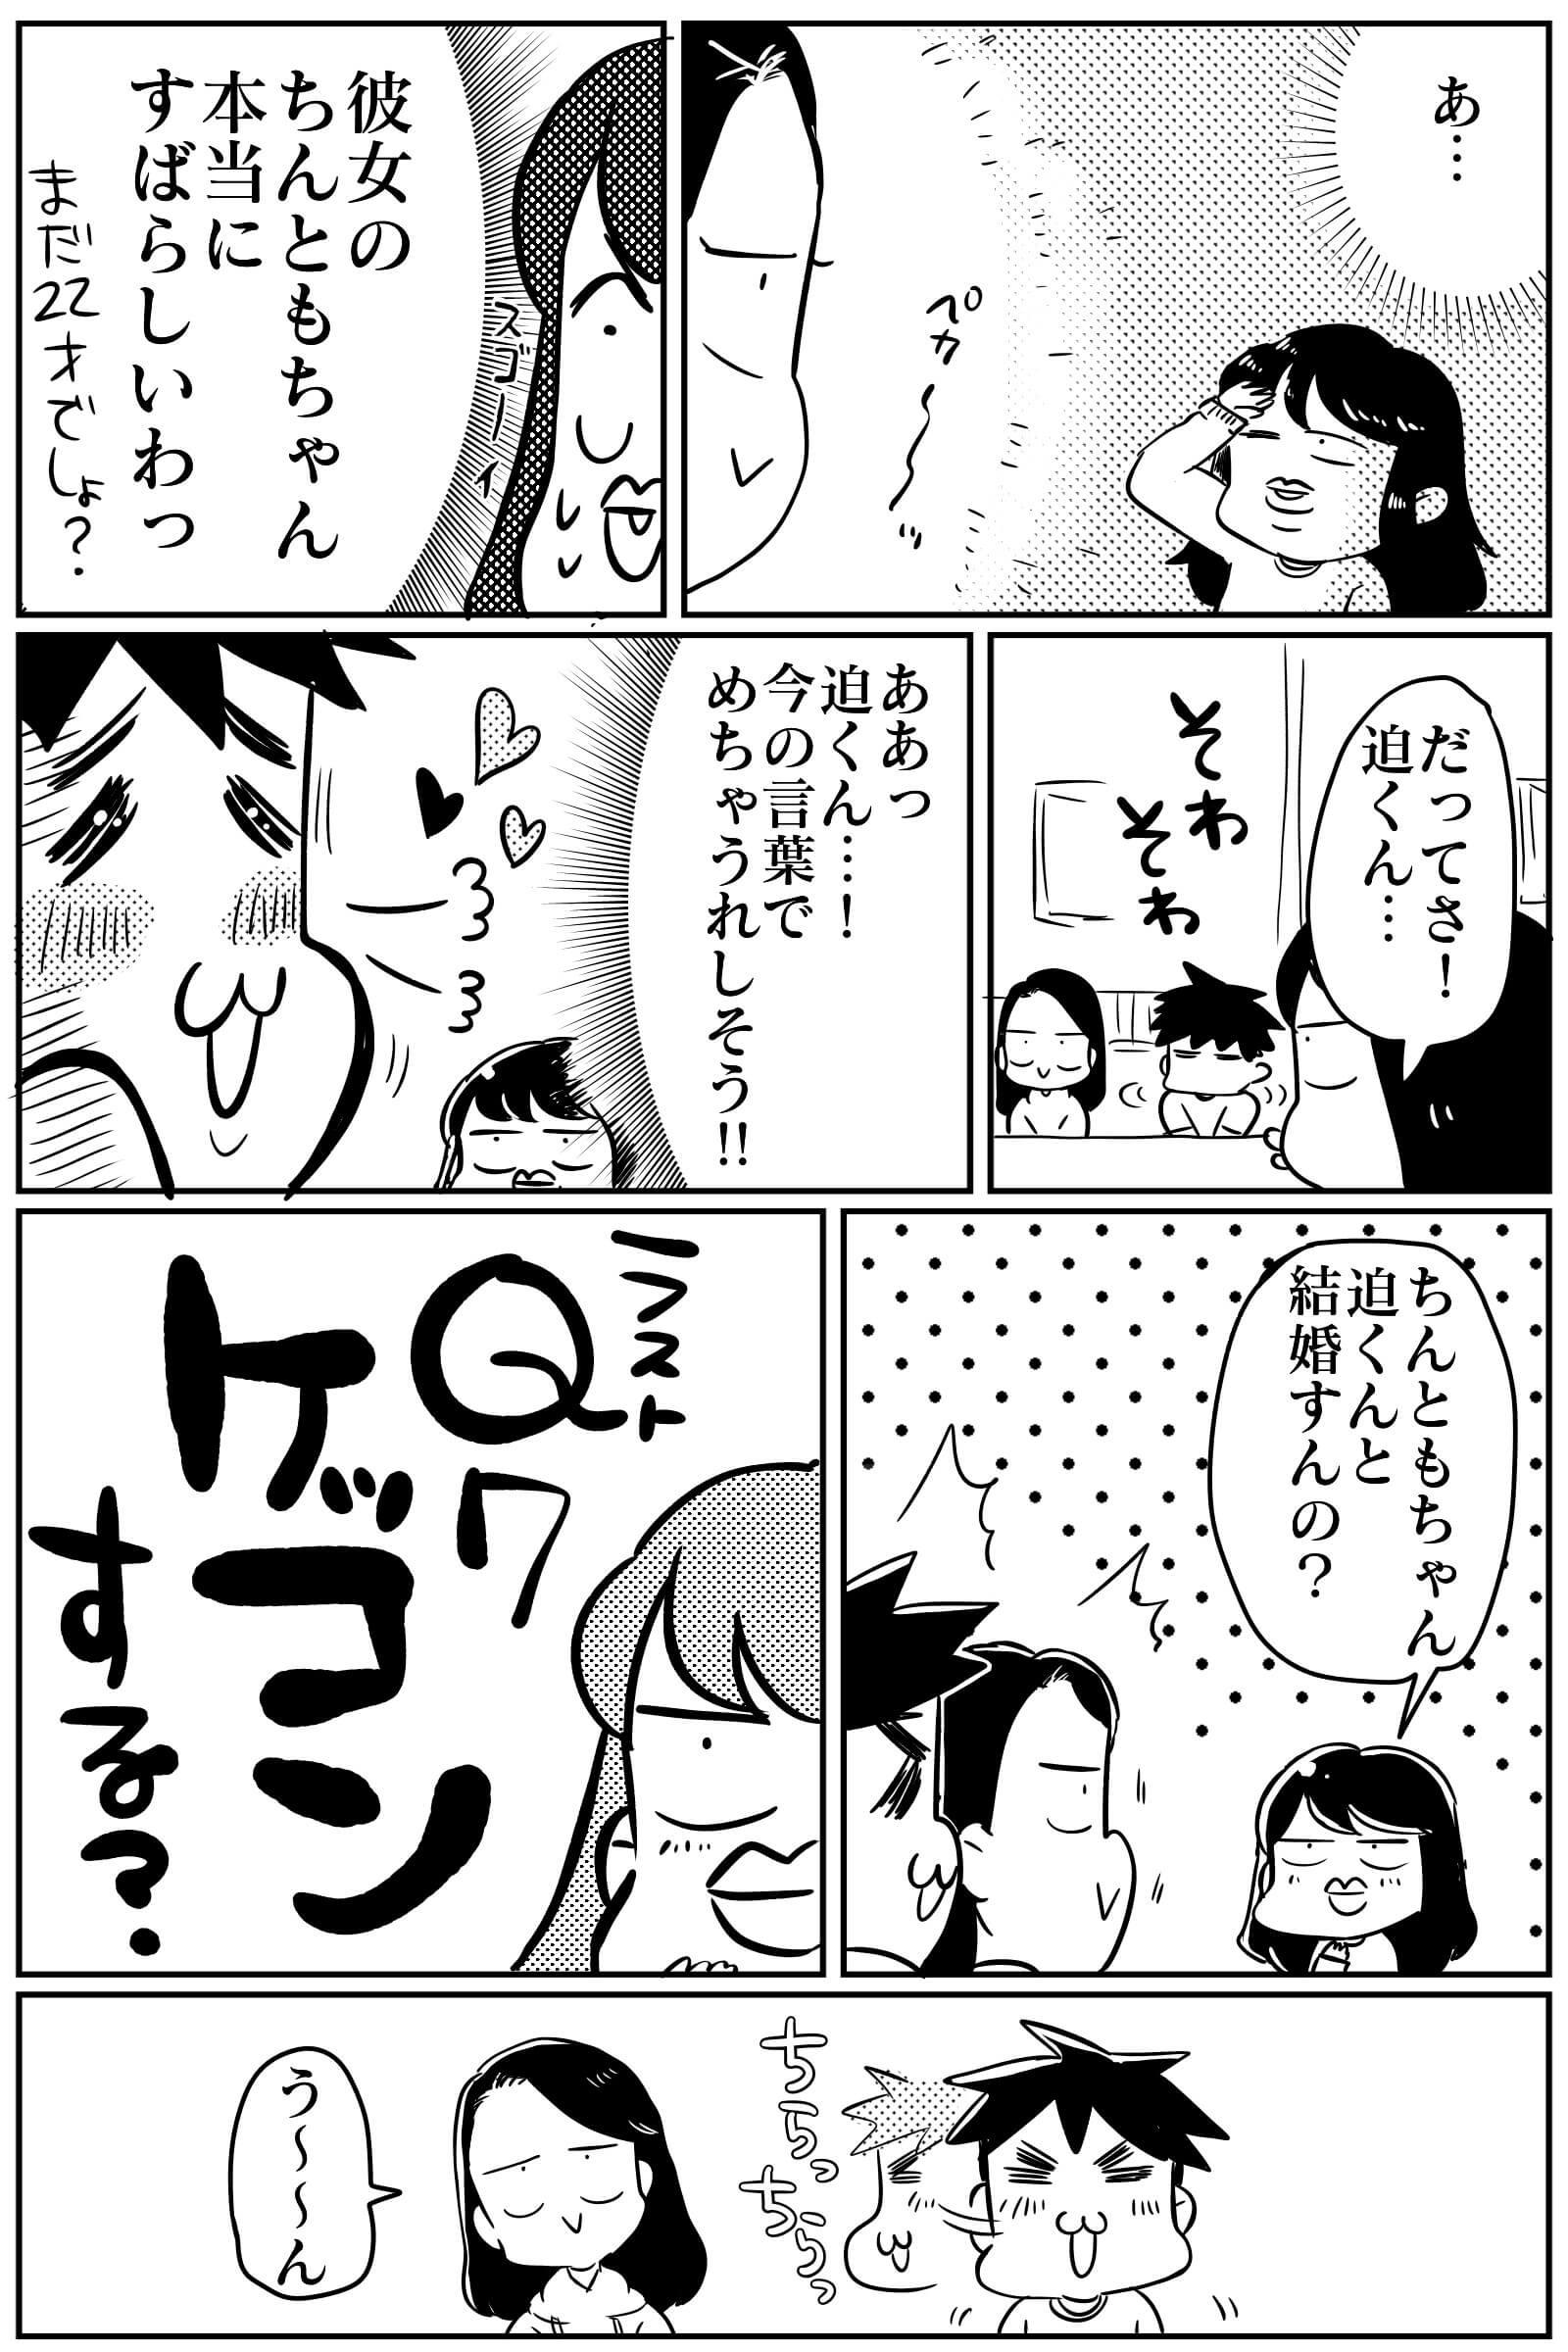 迫君漫画11